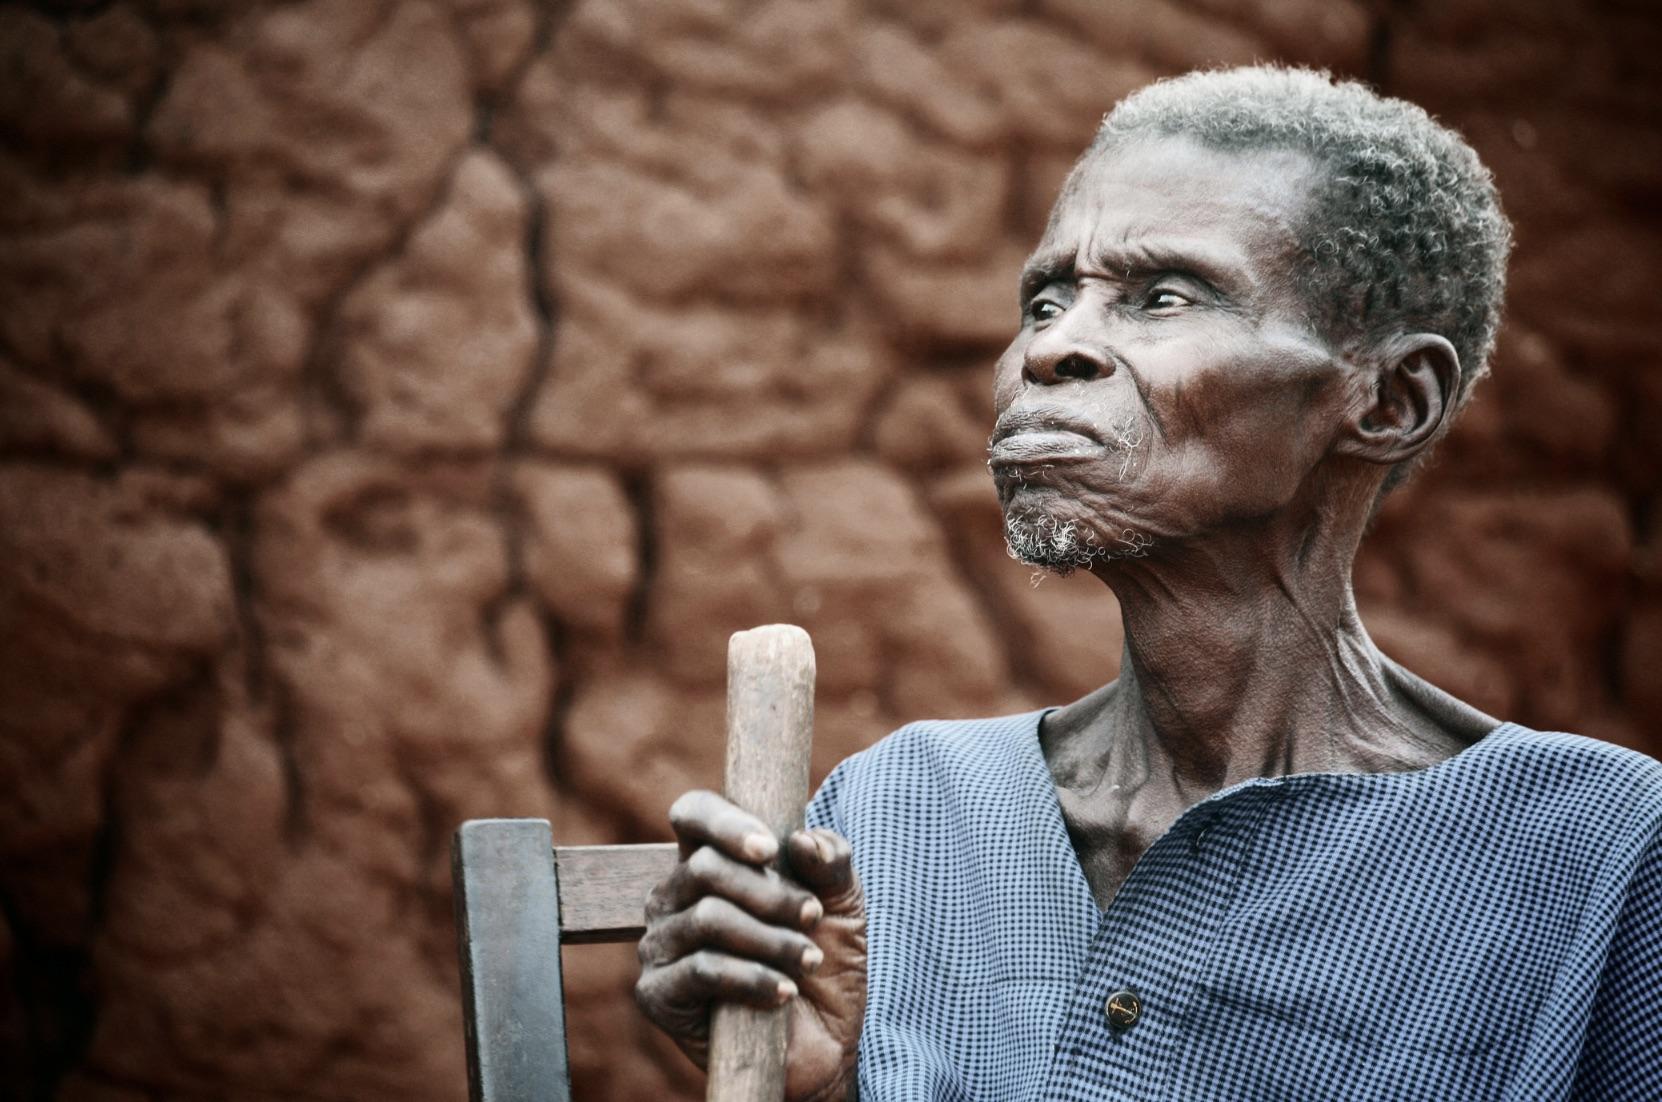 Elders in Africa